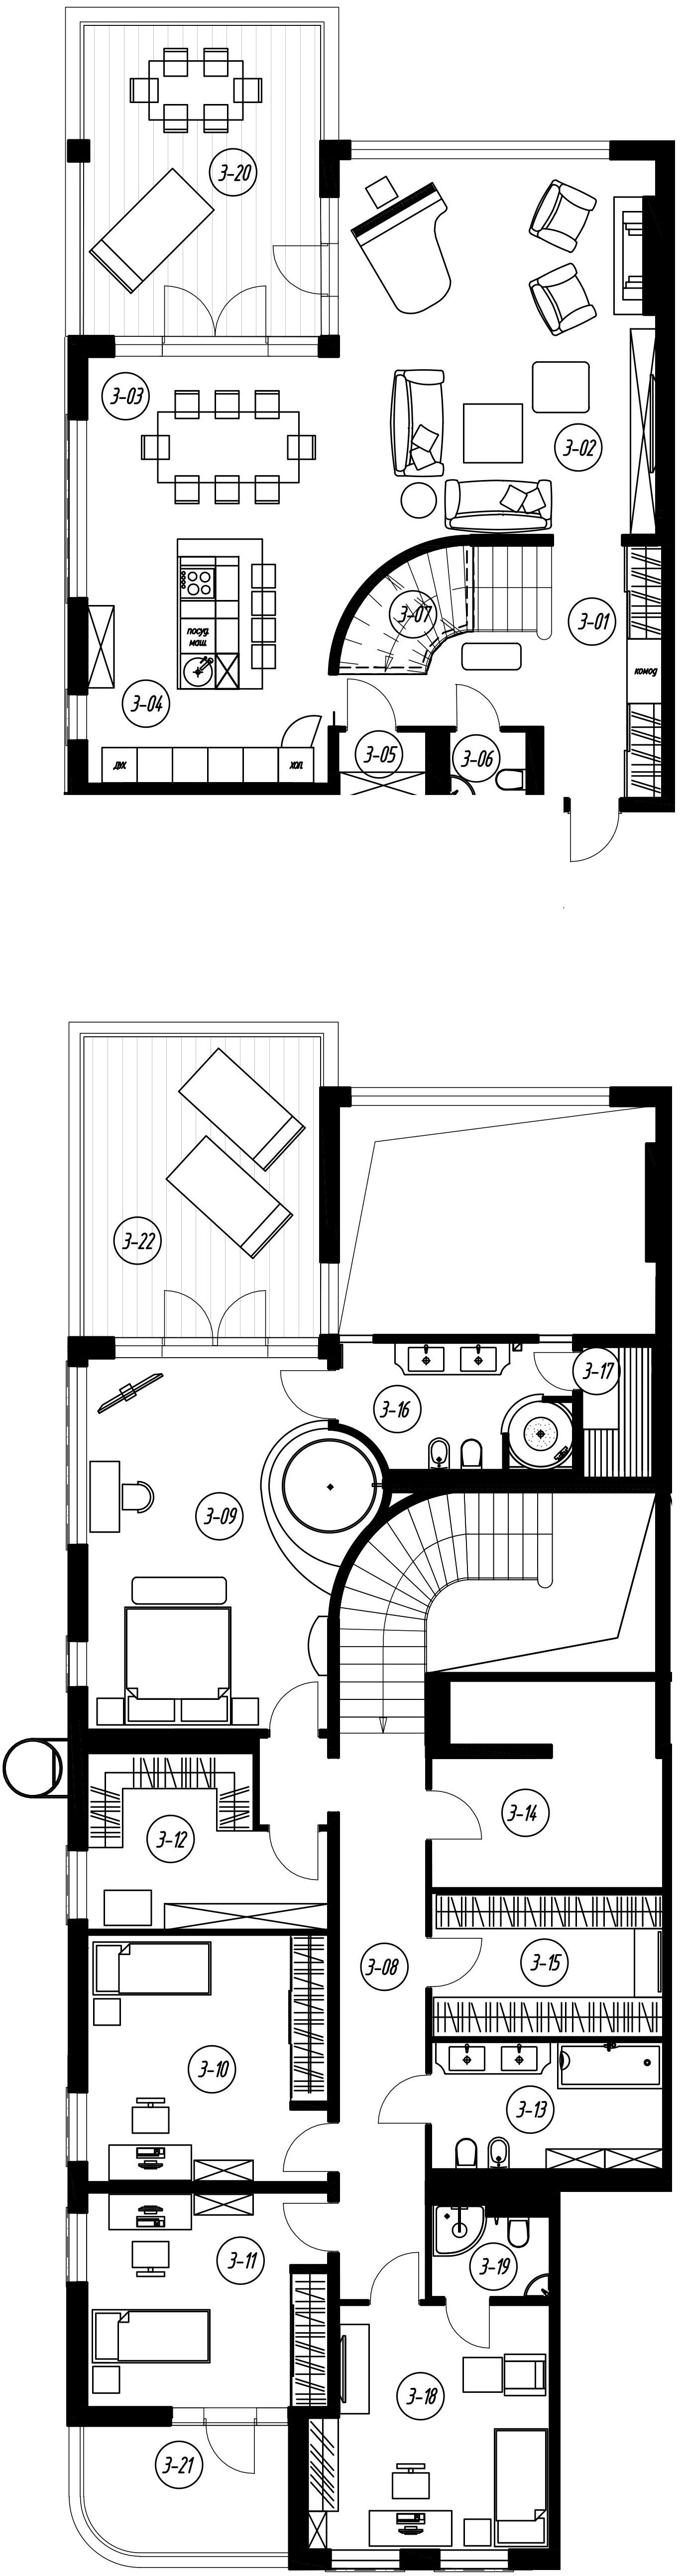 4-комнатная 335 м<sup>2</sup> на 2 этаже